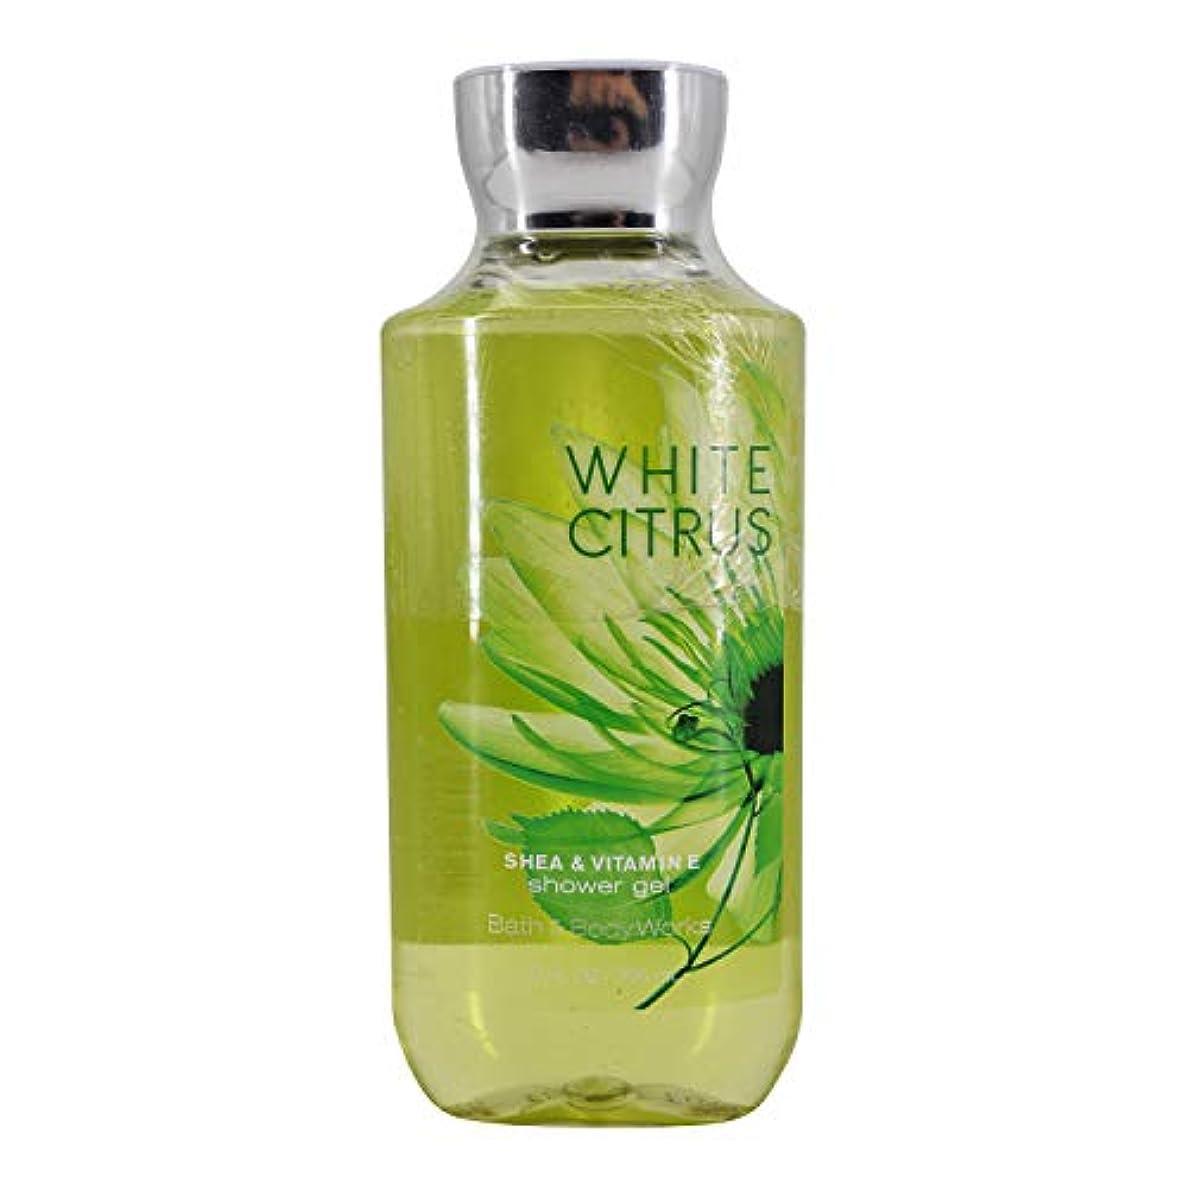 省略プレフィックス効率的に【Bath&Body Works/バス&ボディワークス】 シャワージェル ホワイトシトラス Shower Gel White Citrus 10 fl oz / 295 mL [並行輸入品]